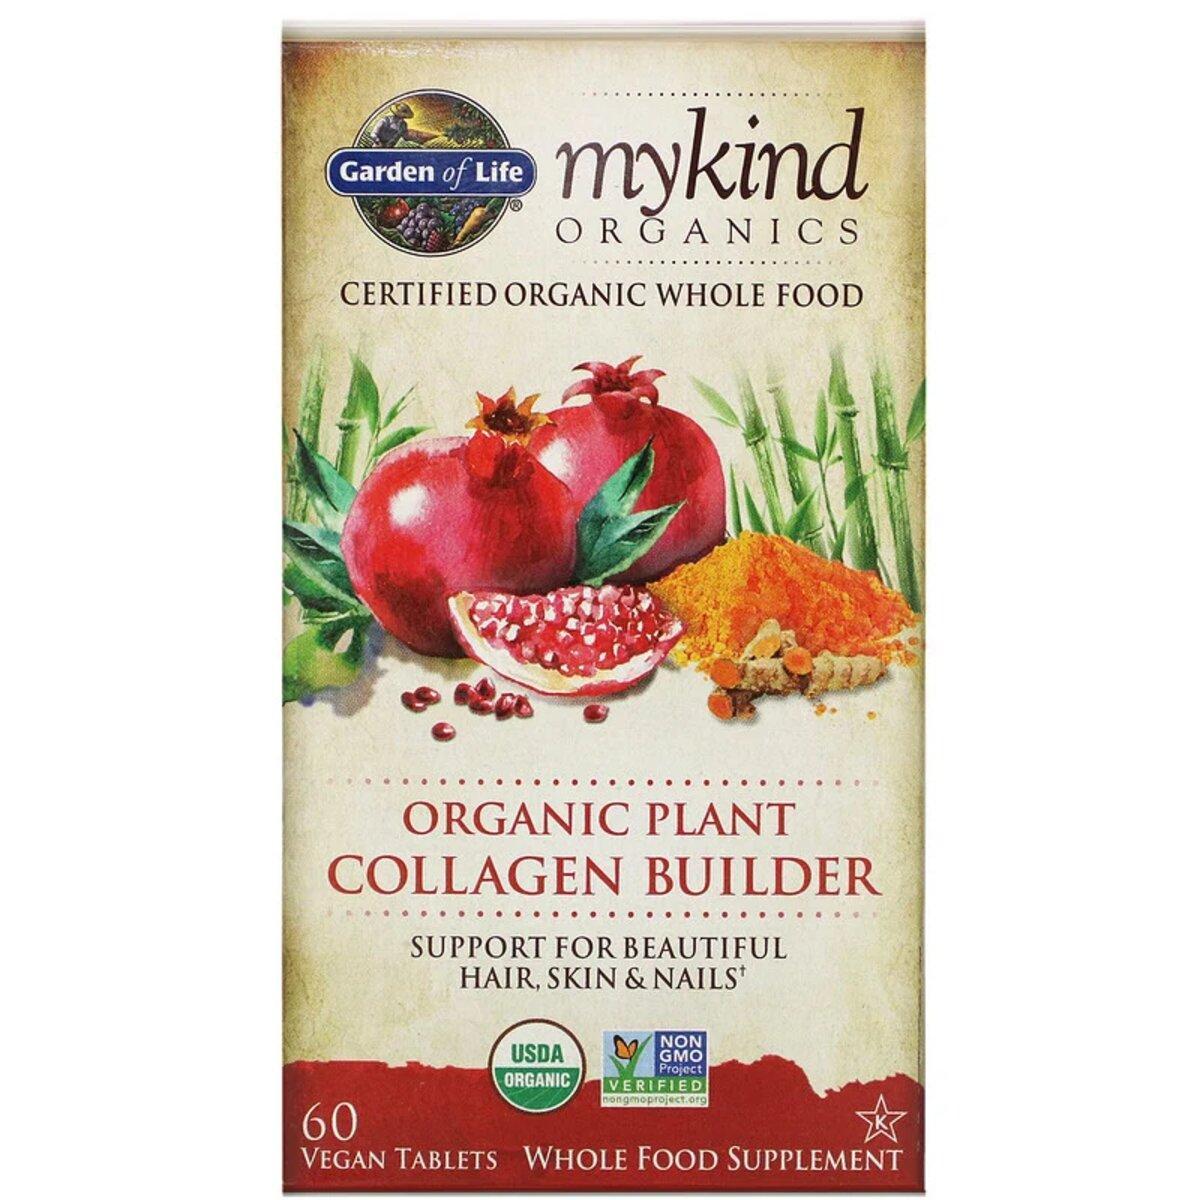 Органический Коллаген, Collagen Builder, MyKind Organics, Garden of Life, 60 веганских таблеток